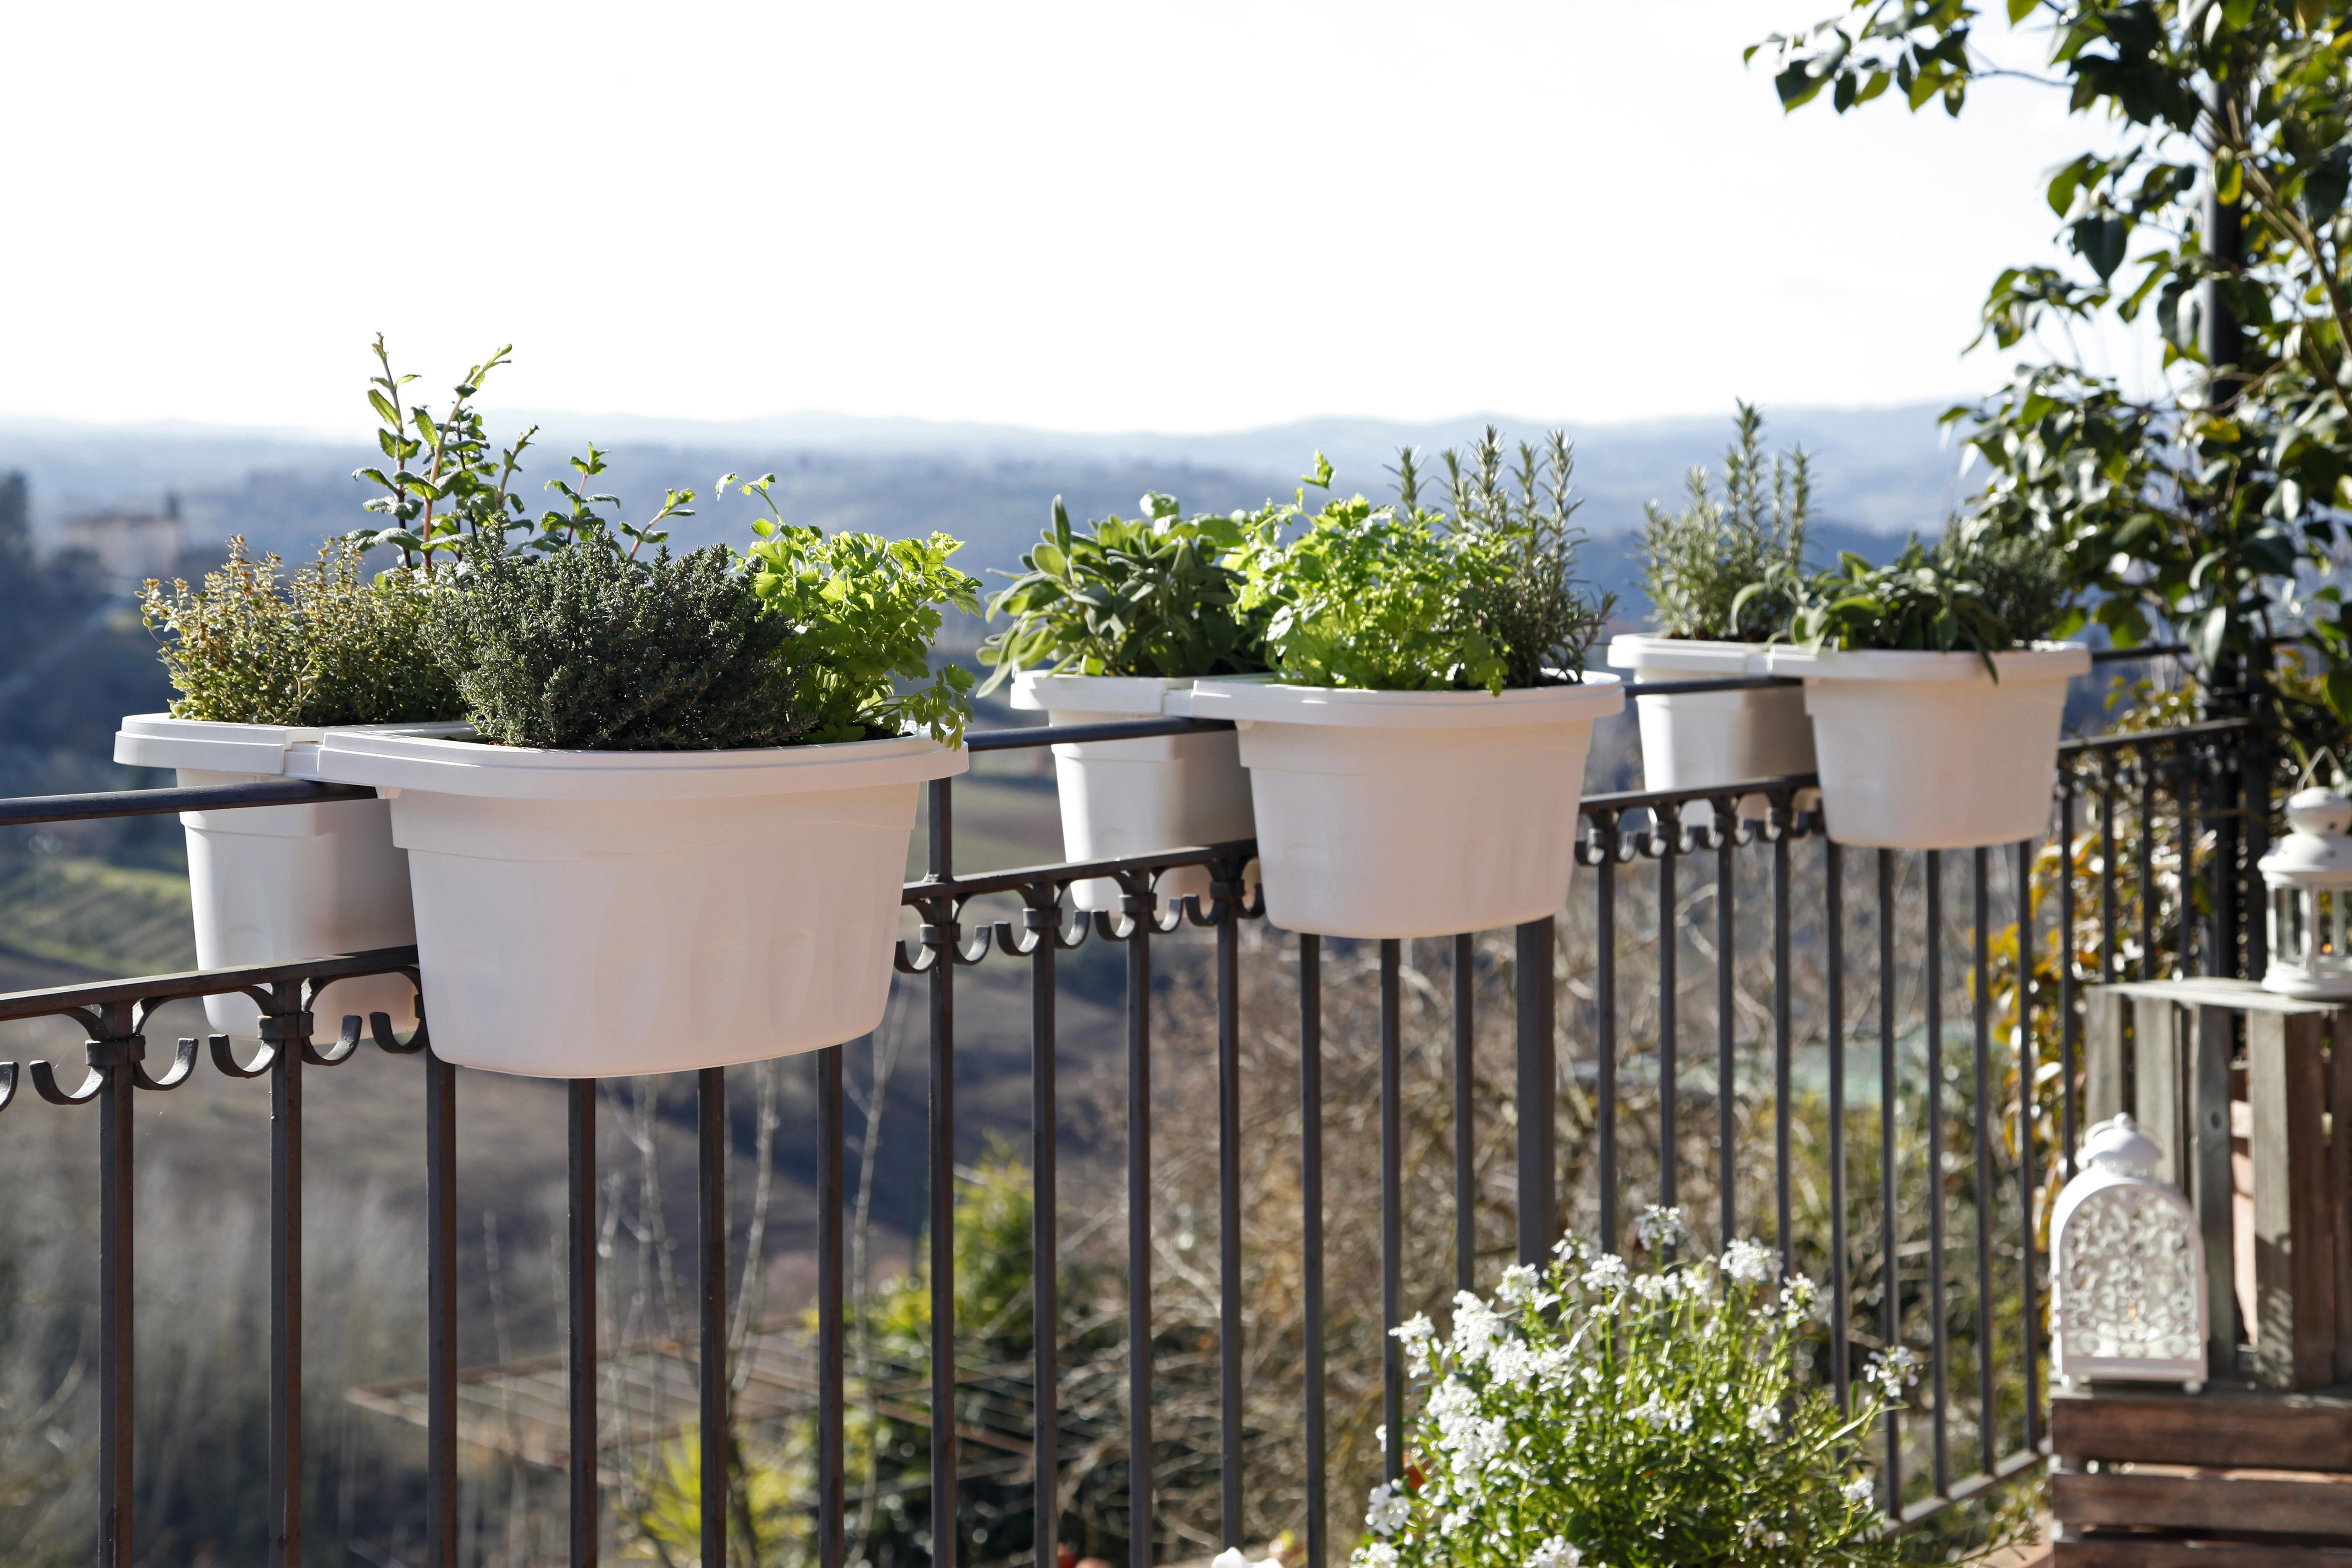 Vasi Per Piante Da Terrazzo fioriera bama klunia doppia vaso da balcone ringhiera fiori